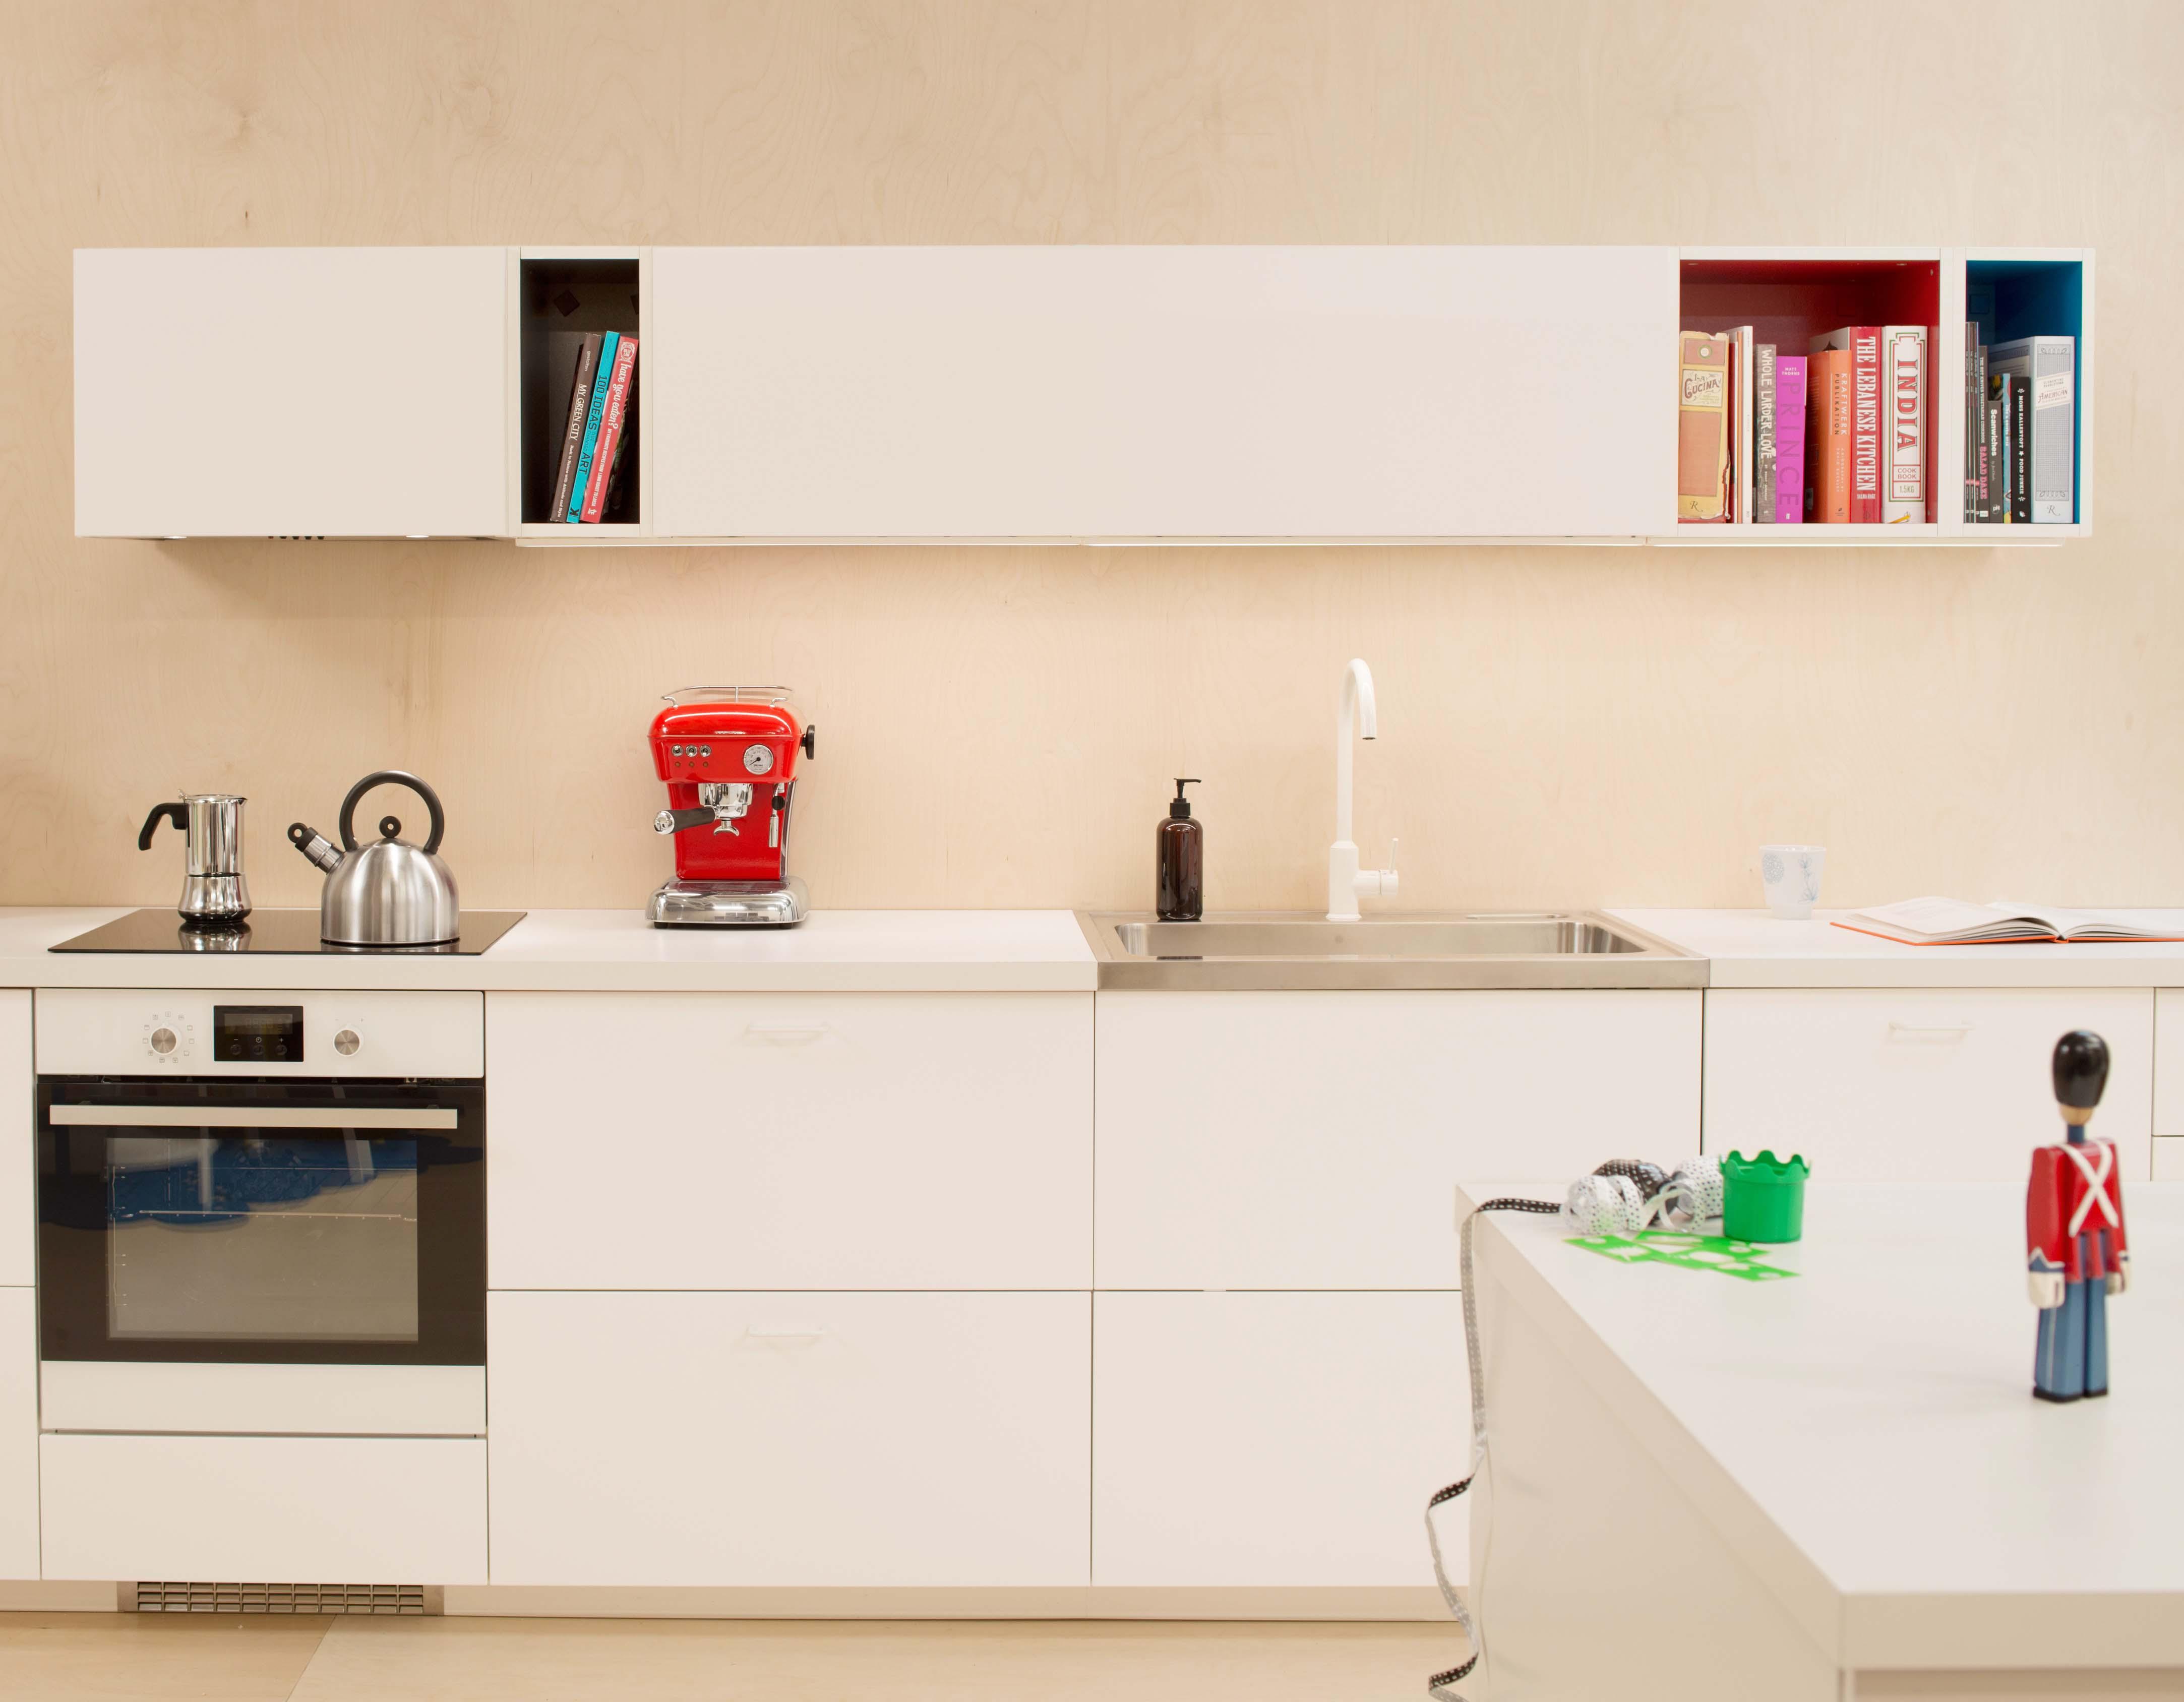 ikea startpakke kjokken : Ikea lanserer nytt kj?kken